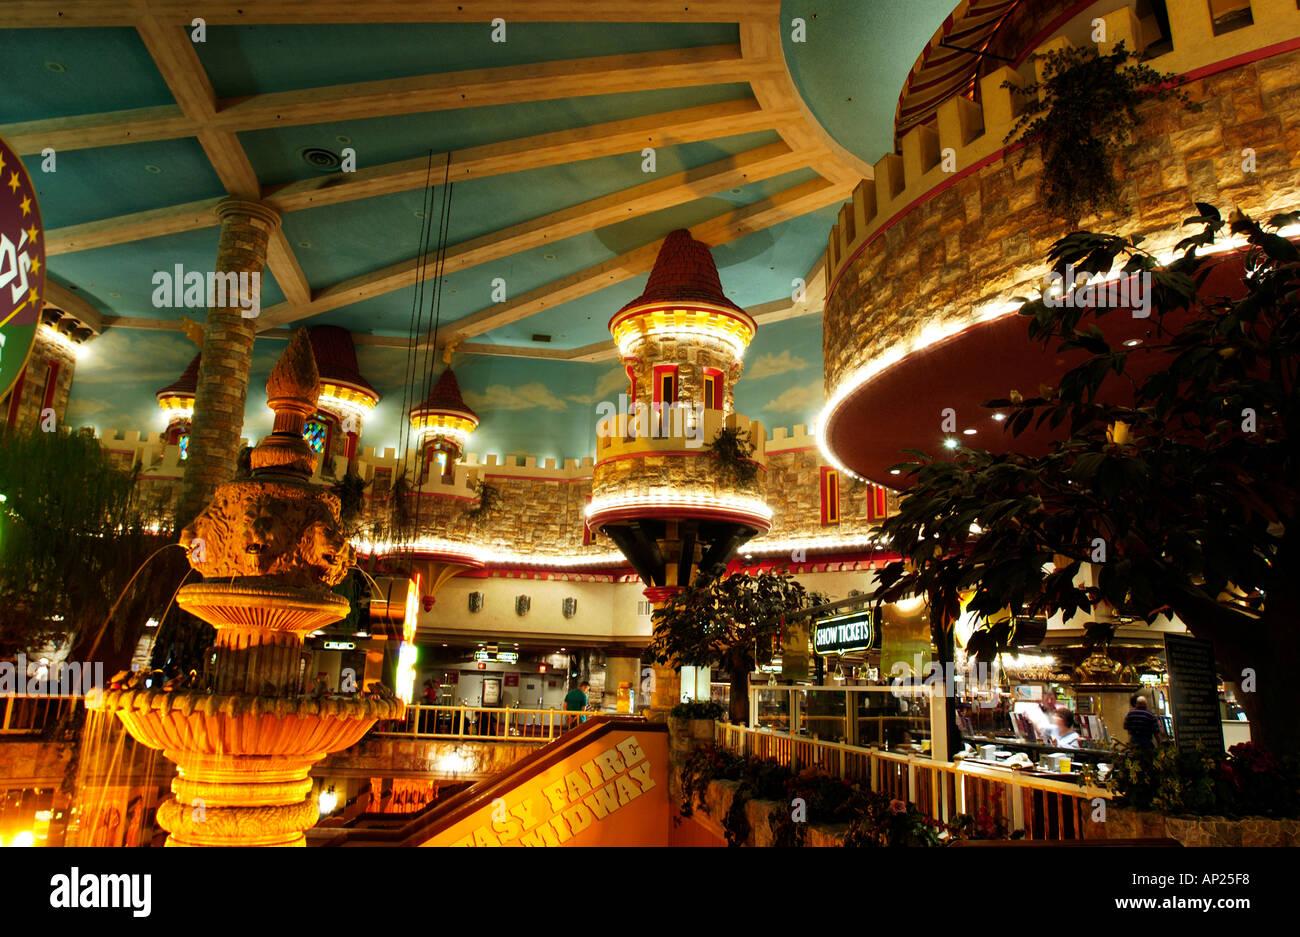 Excalibur Suite Floor Plan Interior Detail In Excalibur Hotel Las Vegas Stock Photo